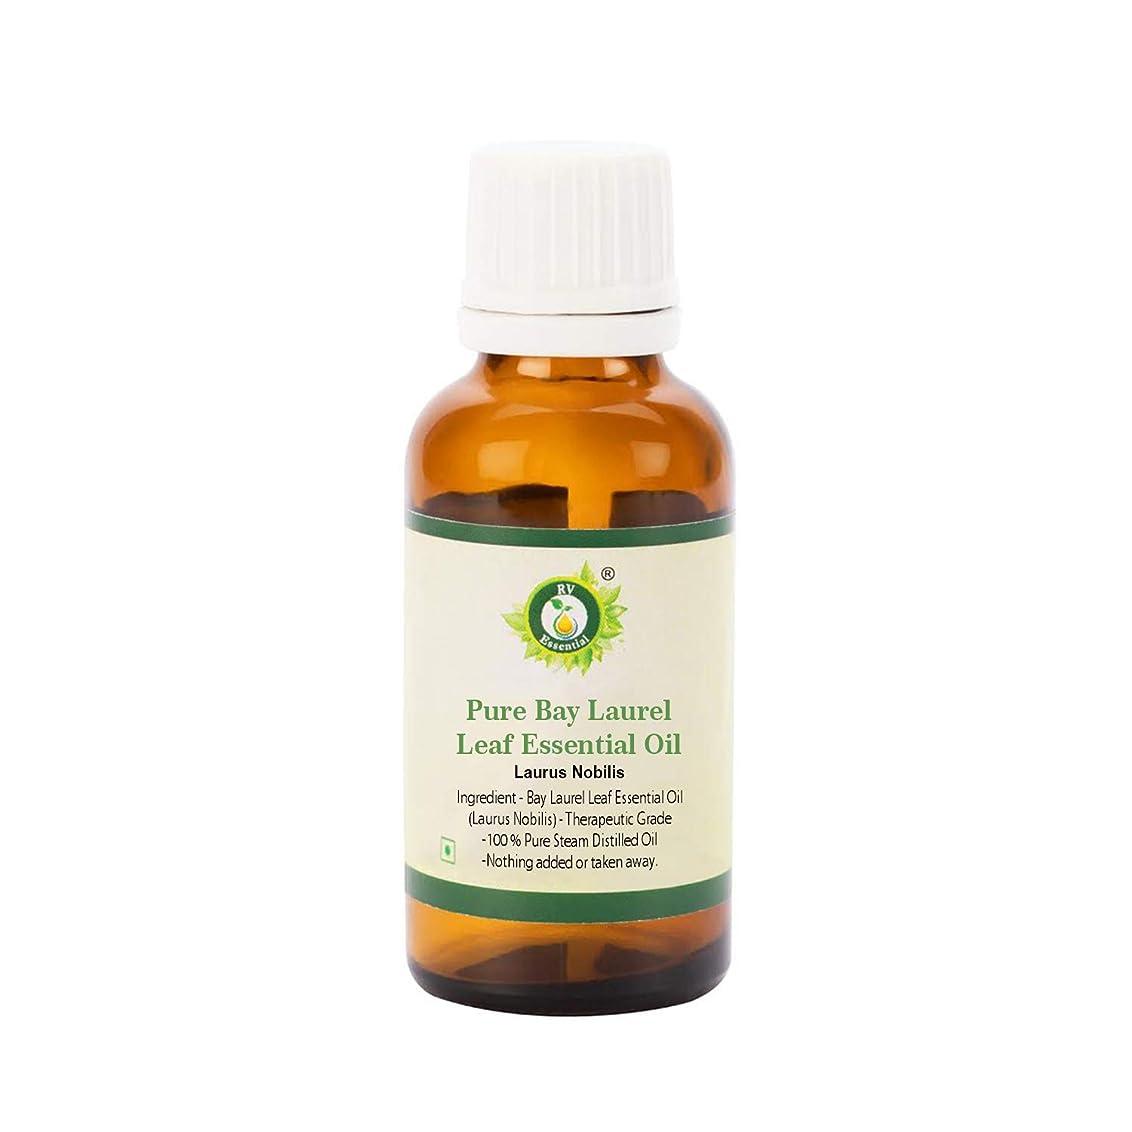 イノセンスポスト印象派特許R V Essential ピュアベイローレル Leaf エッセンシャルオイル100ml (3.38oz)- Laurus Nobilis (100%純粋&天然スチームDistilled) Pure Bay Laurel Leaf Essential Oil